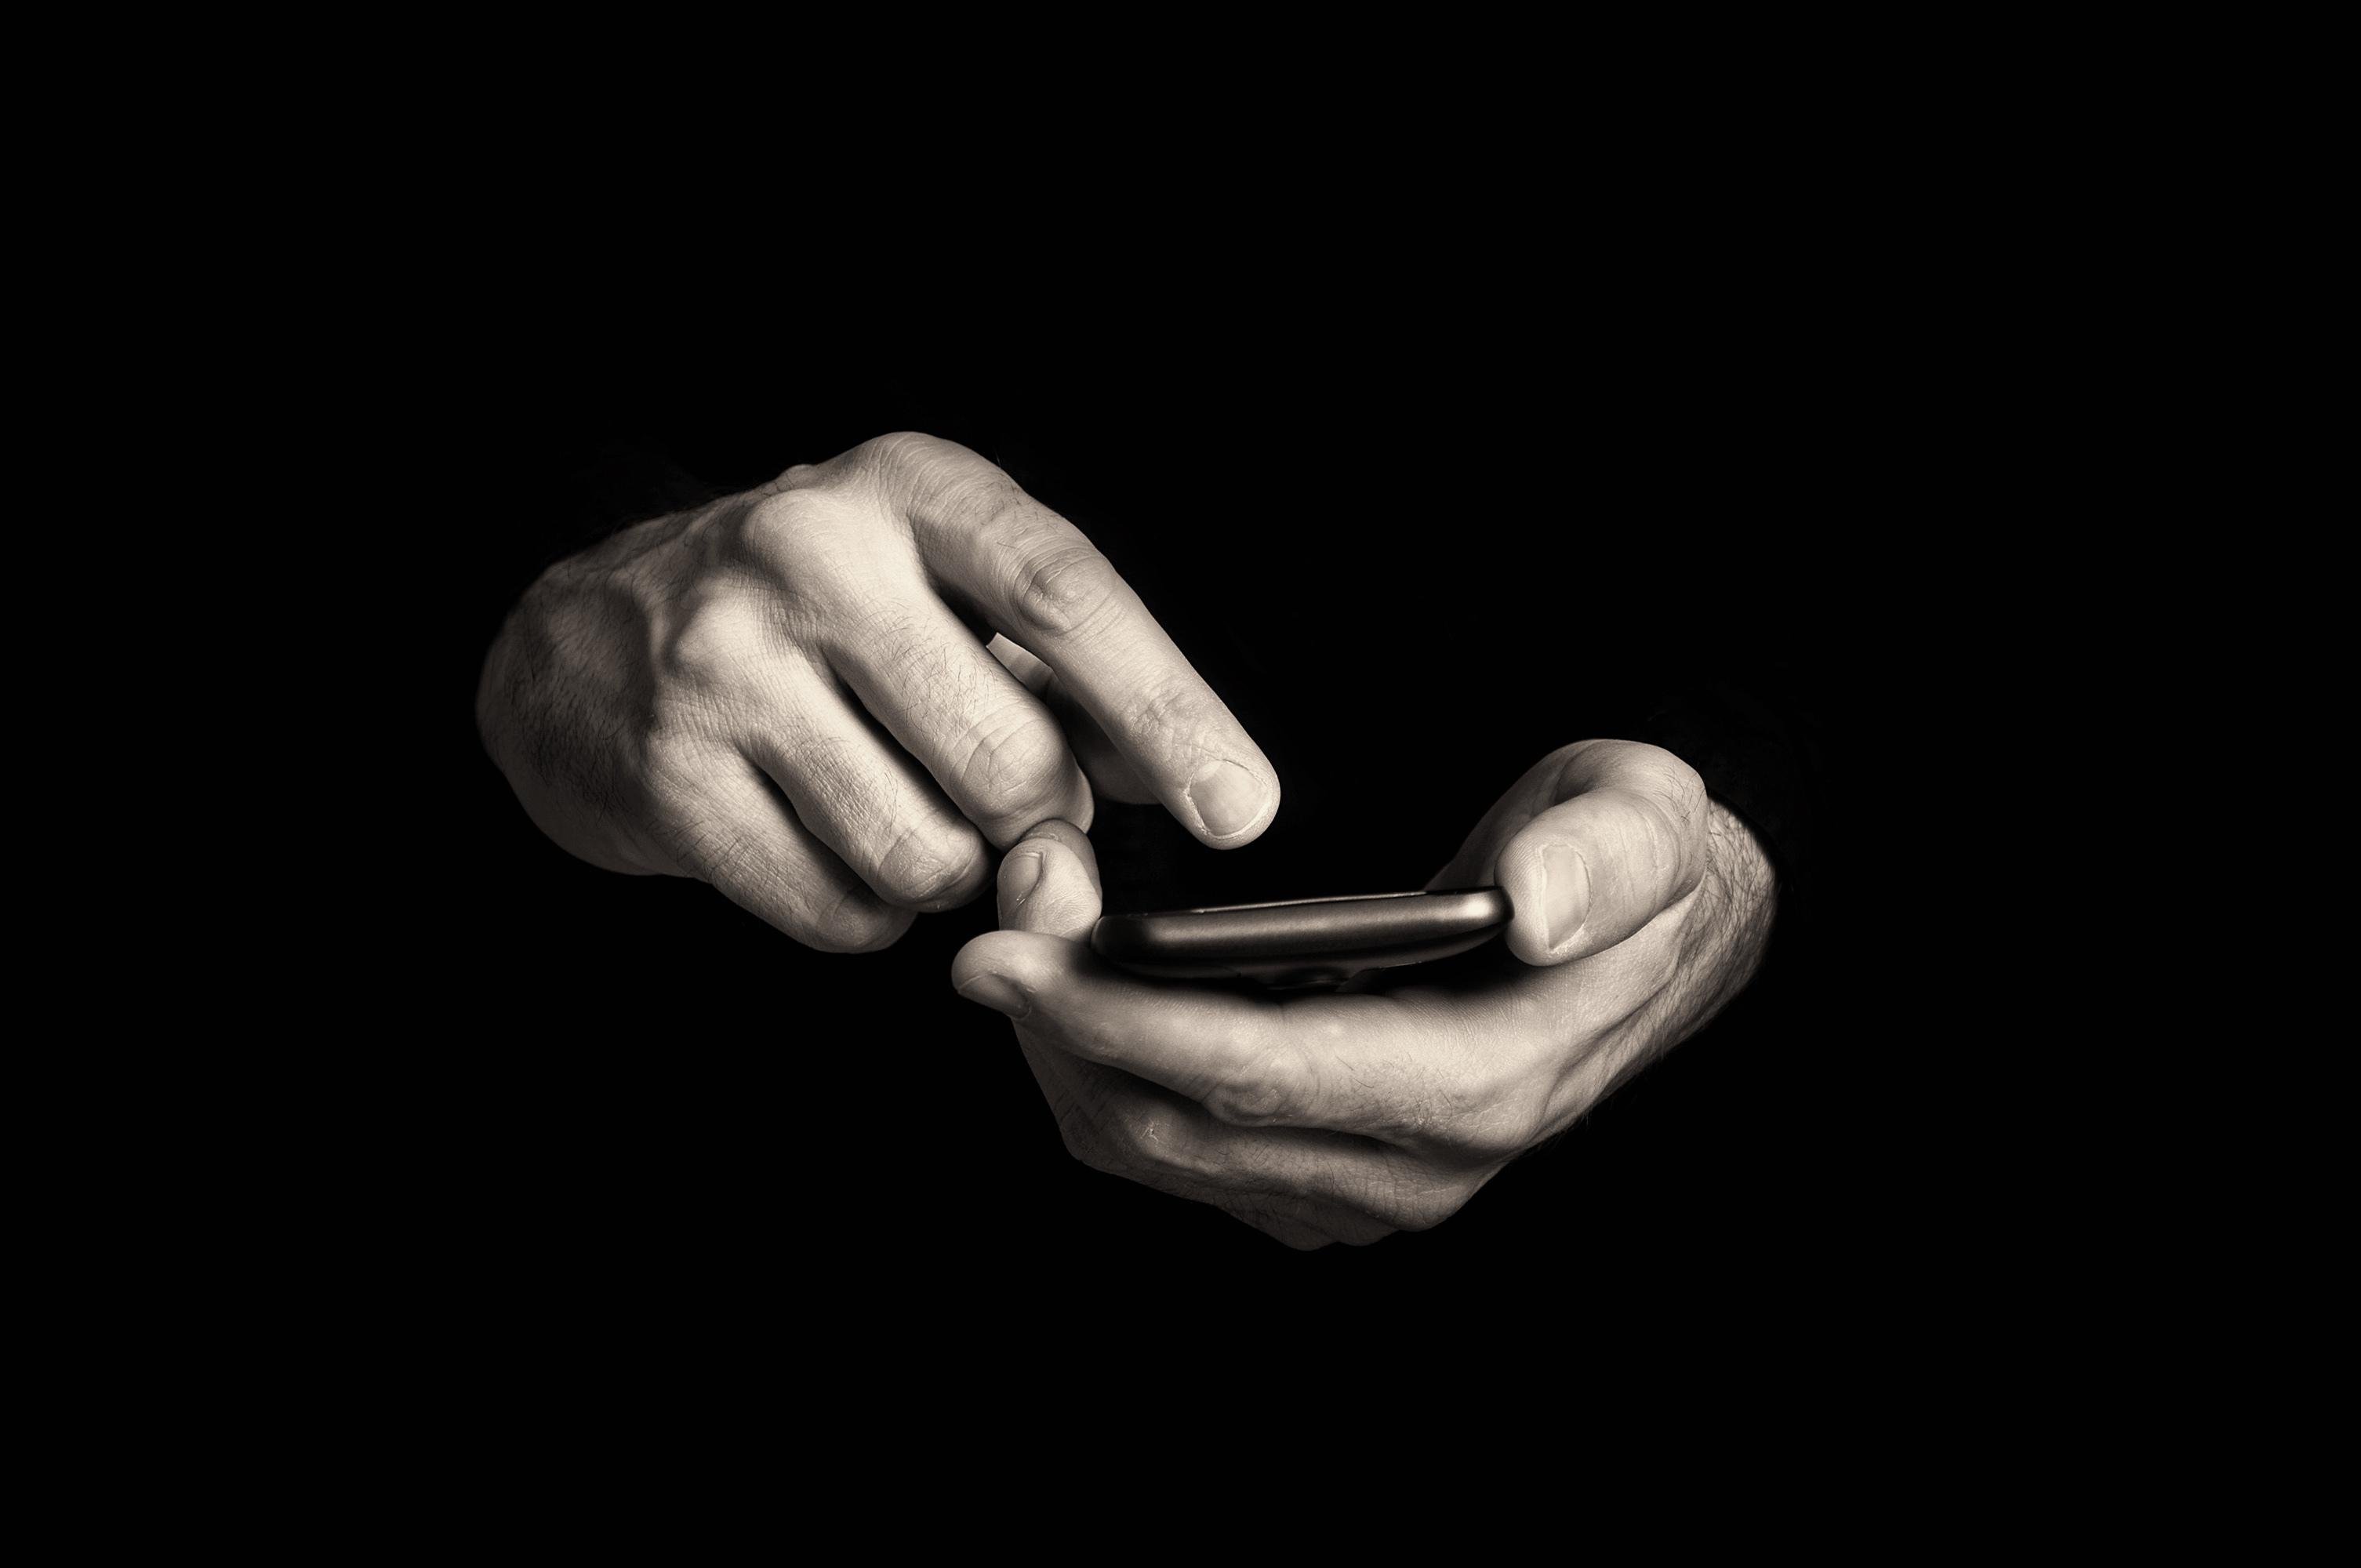 Następna smartfonowa bitwa będzie o… bezpieczeństwo?